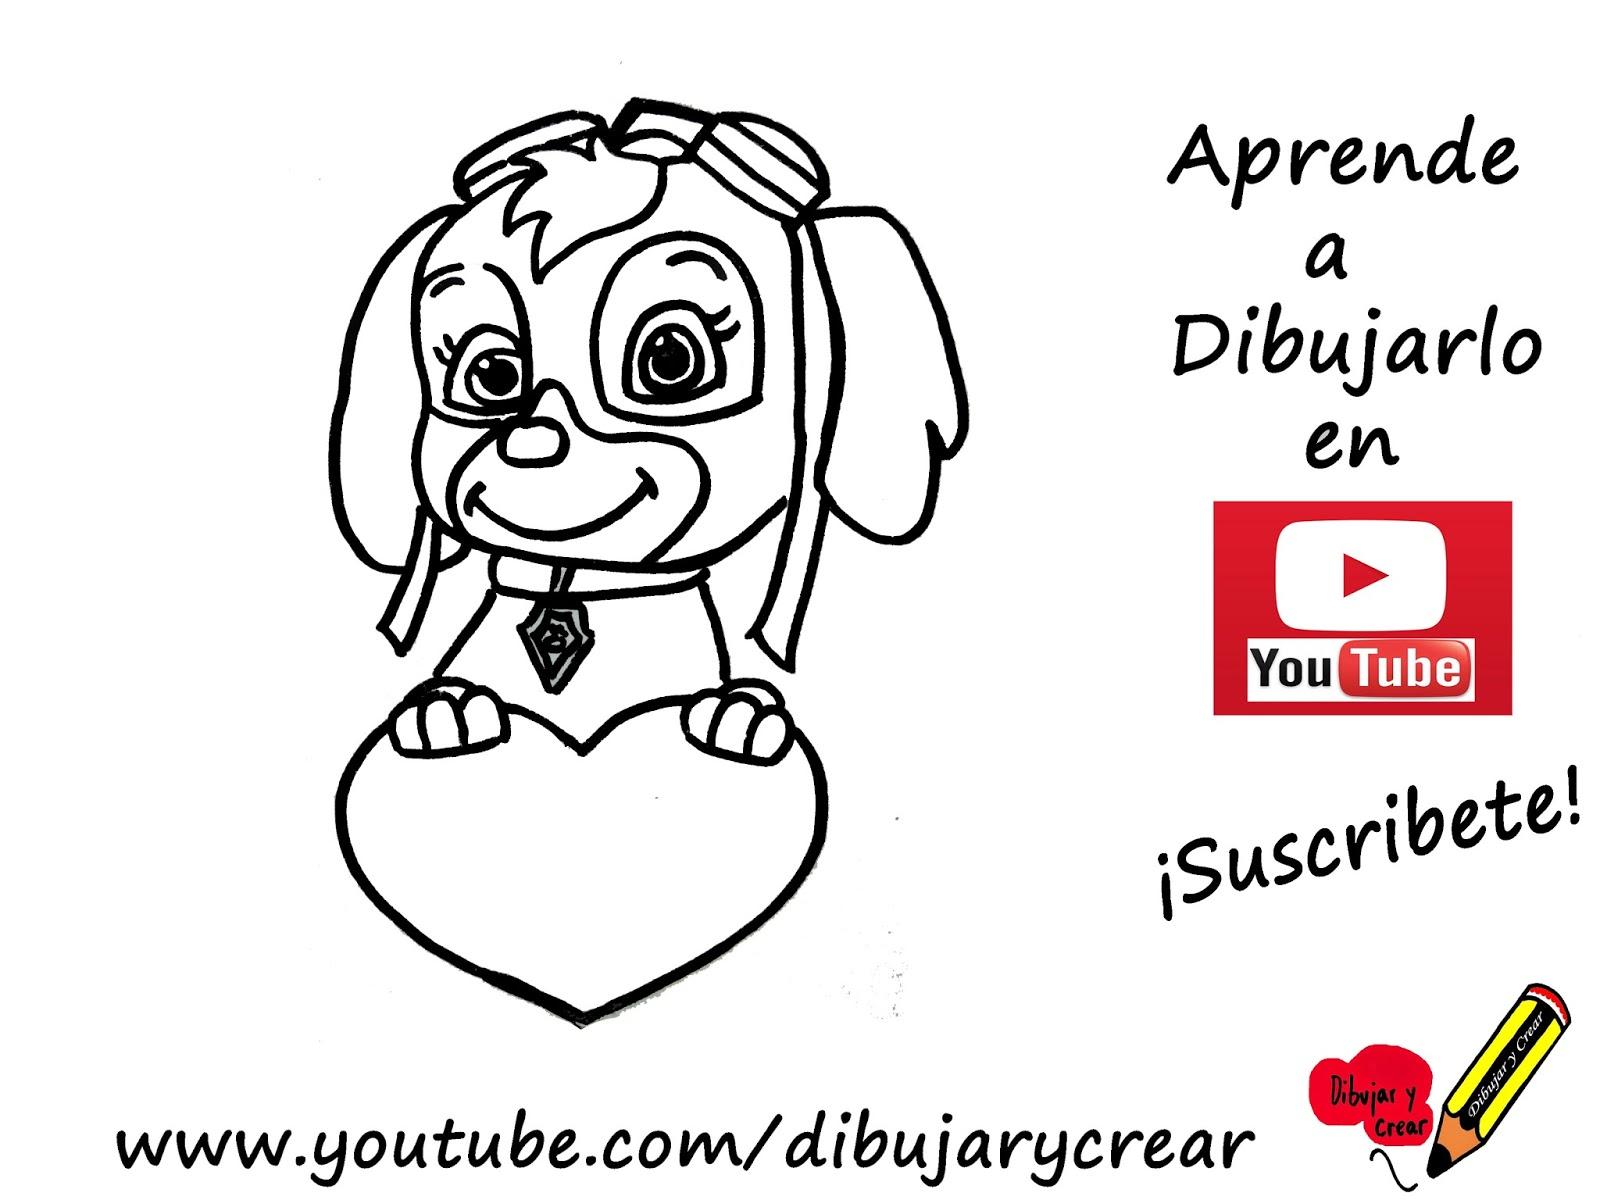 Dibujos De La Patrulla Canina En Color: Dibujar Y Crear: Como Dibujar A Skye Con Corazon (Patrulla